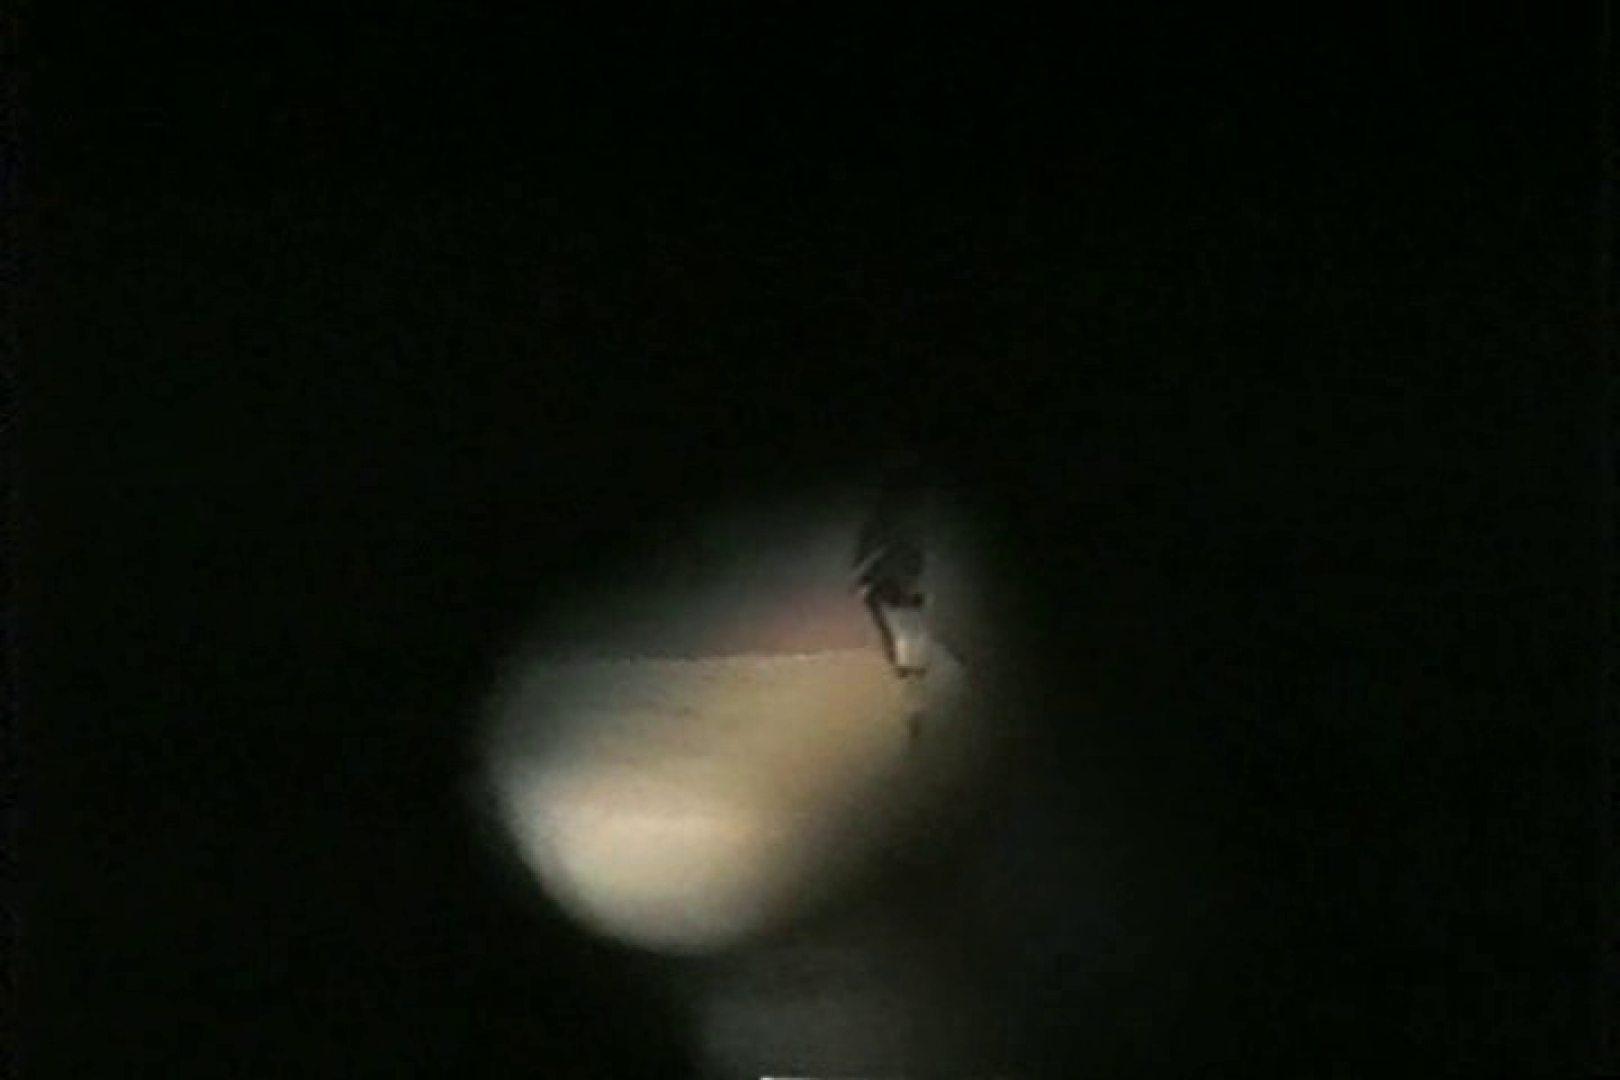 深夜の撮影会Vol.7 エロティックなOL | 覗き  71画像 33